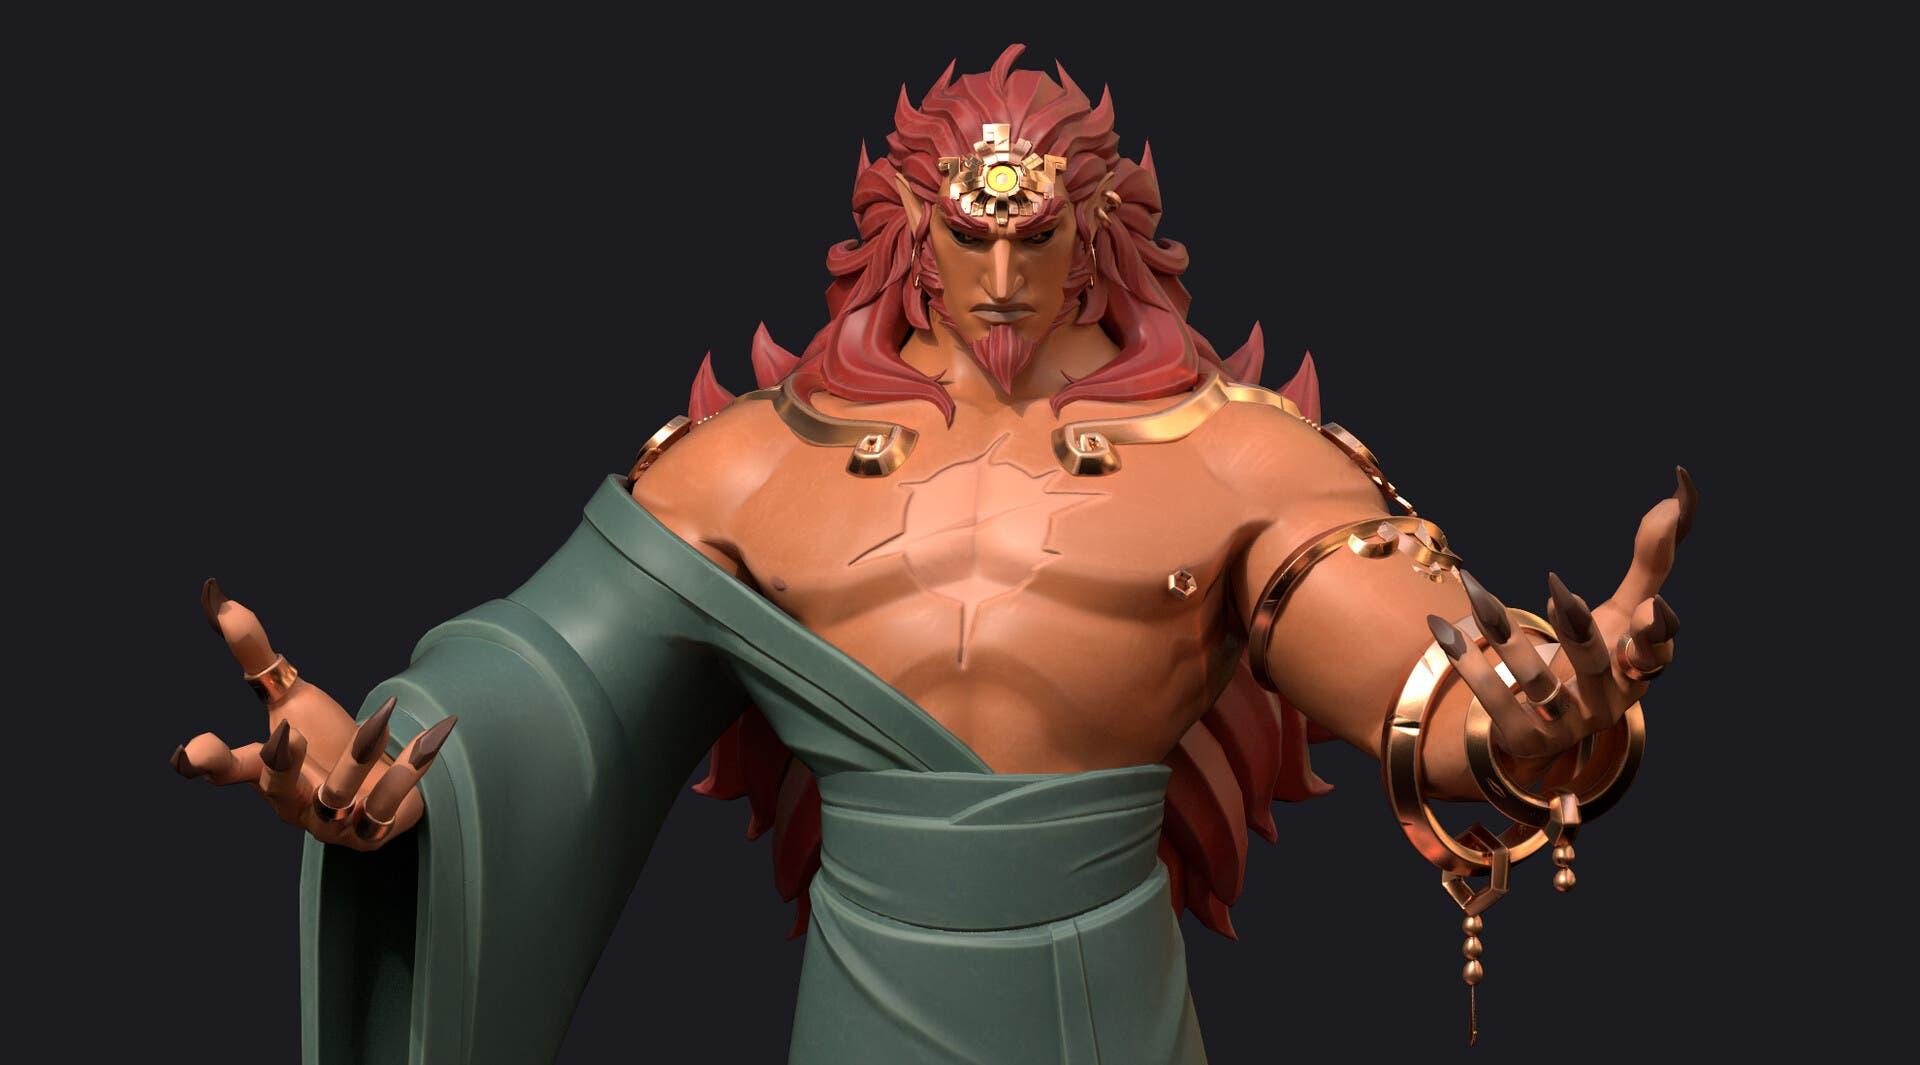 Imagen de Un ilustrador imagina cómo será la apariencia de Ganon en el esperado Zelda Breath of the Wild 2